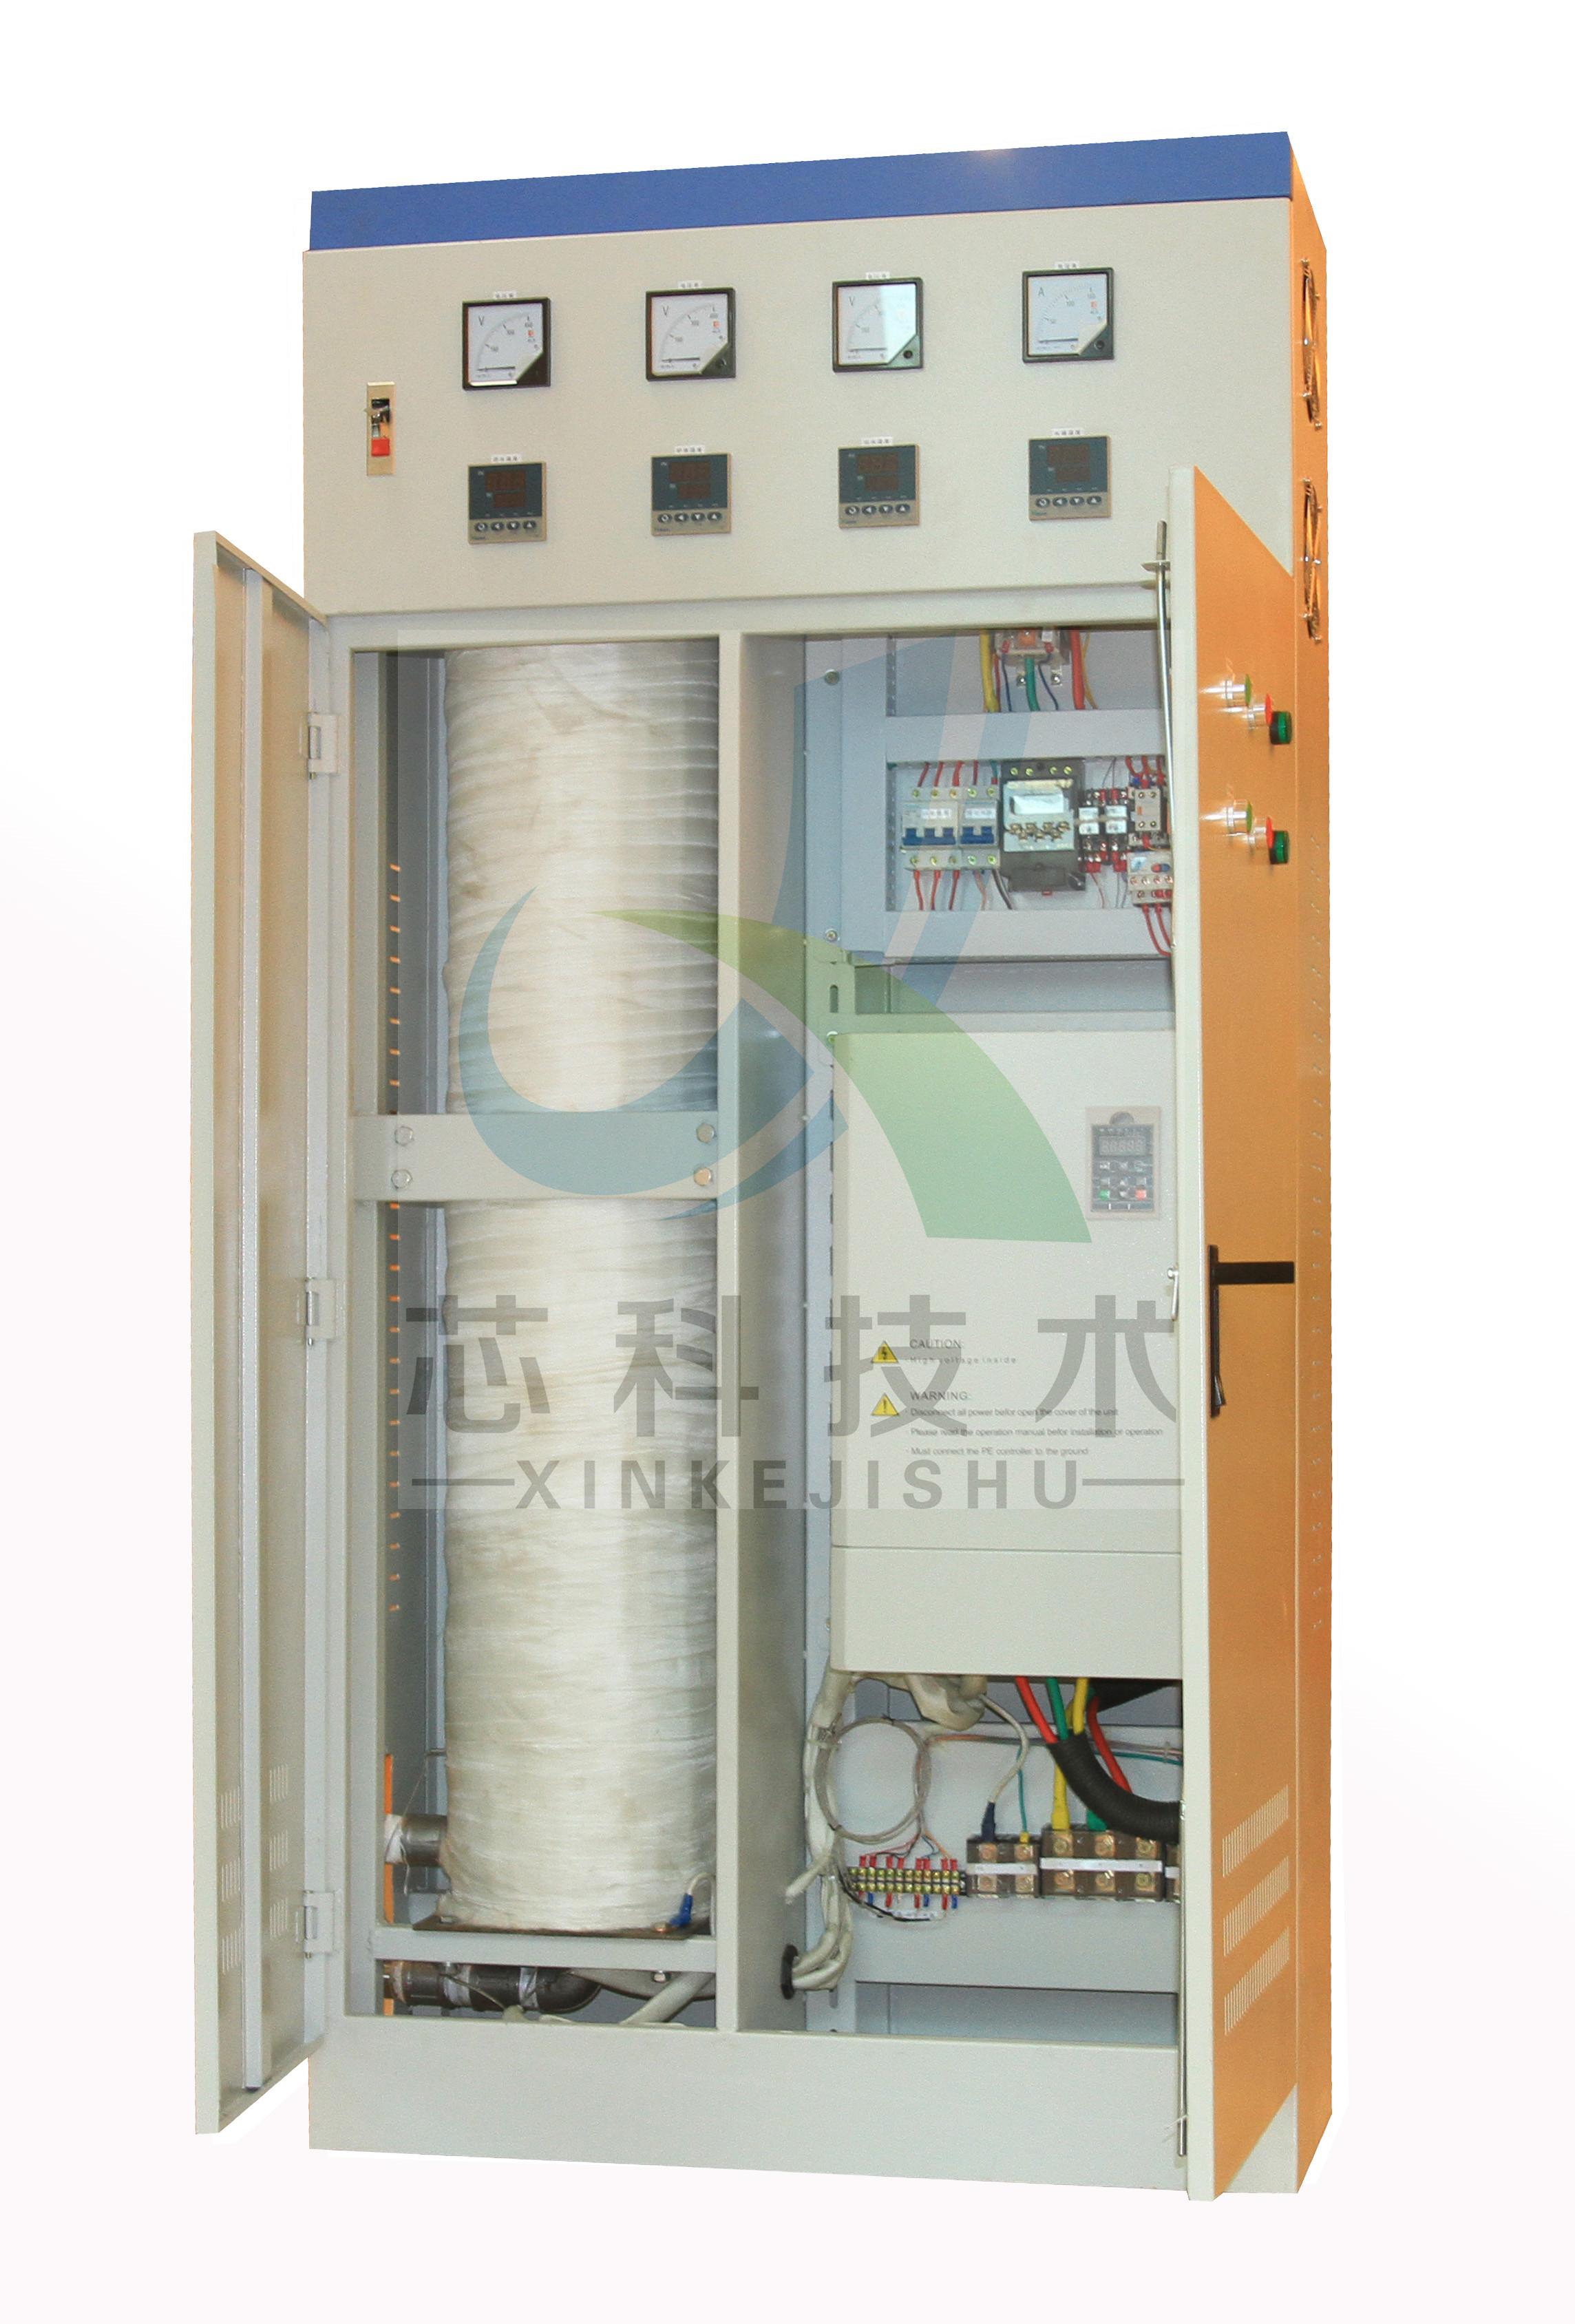 碧源达节能电磁加热采暖炉第一供应商